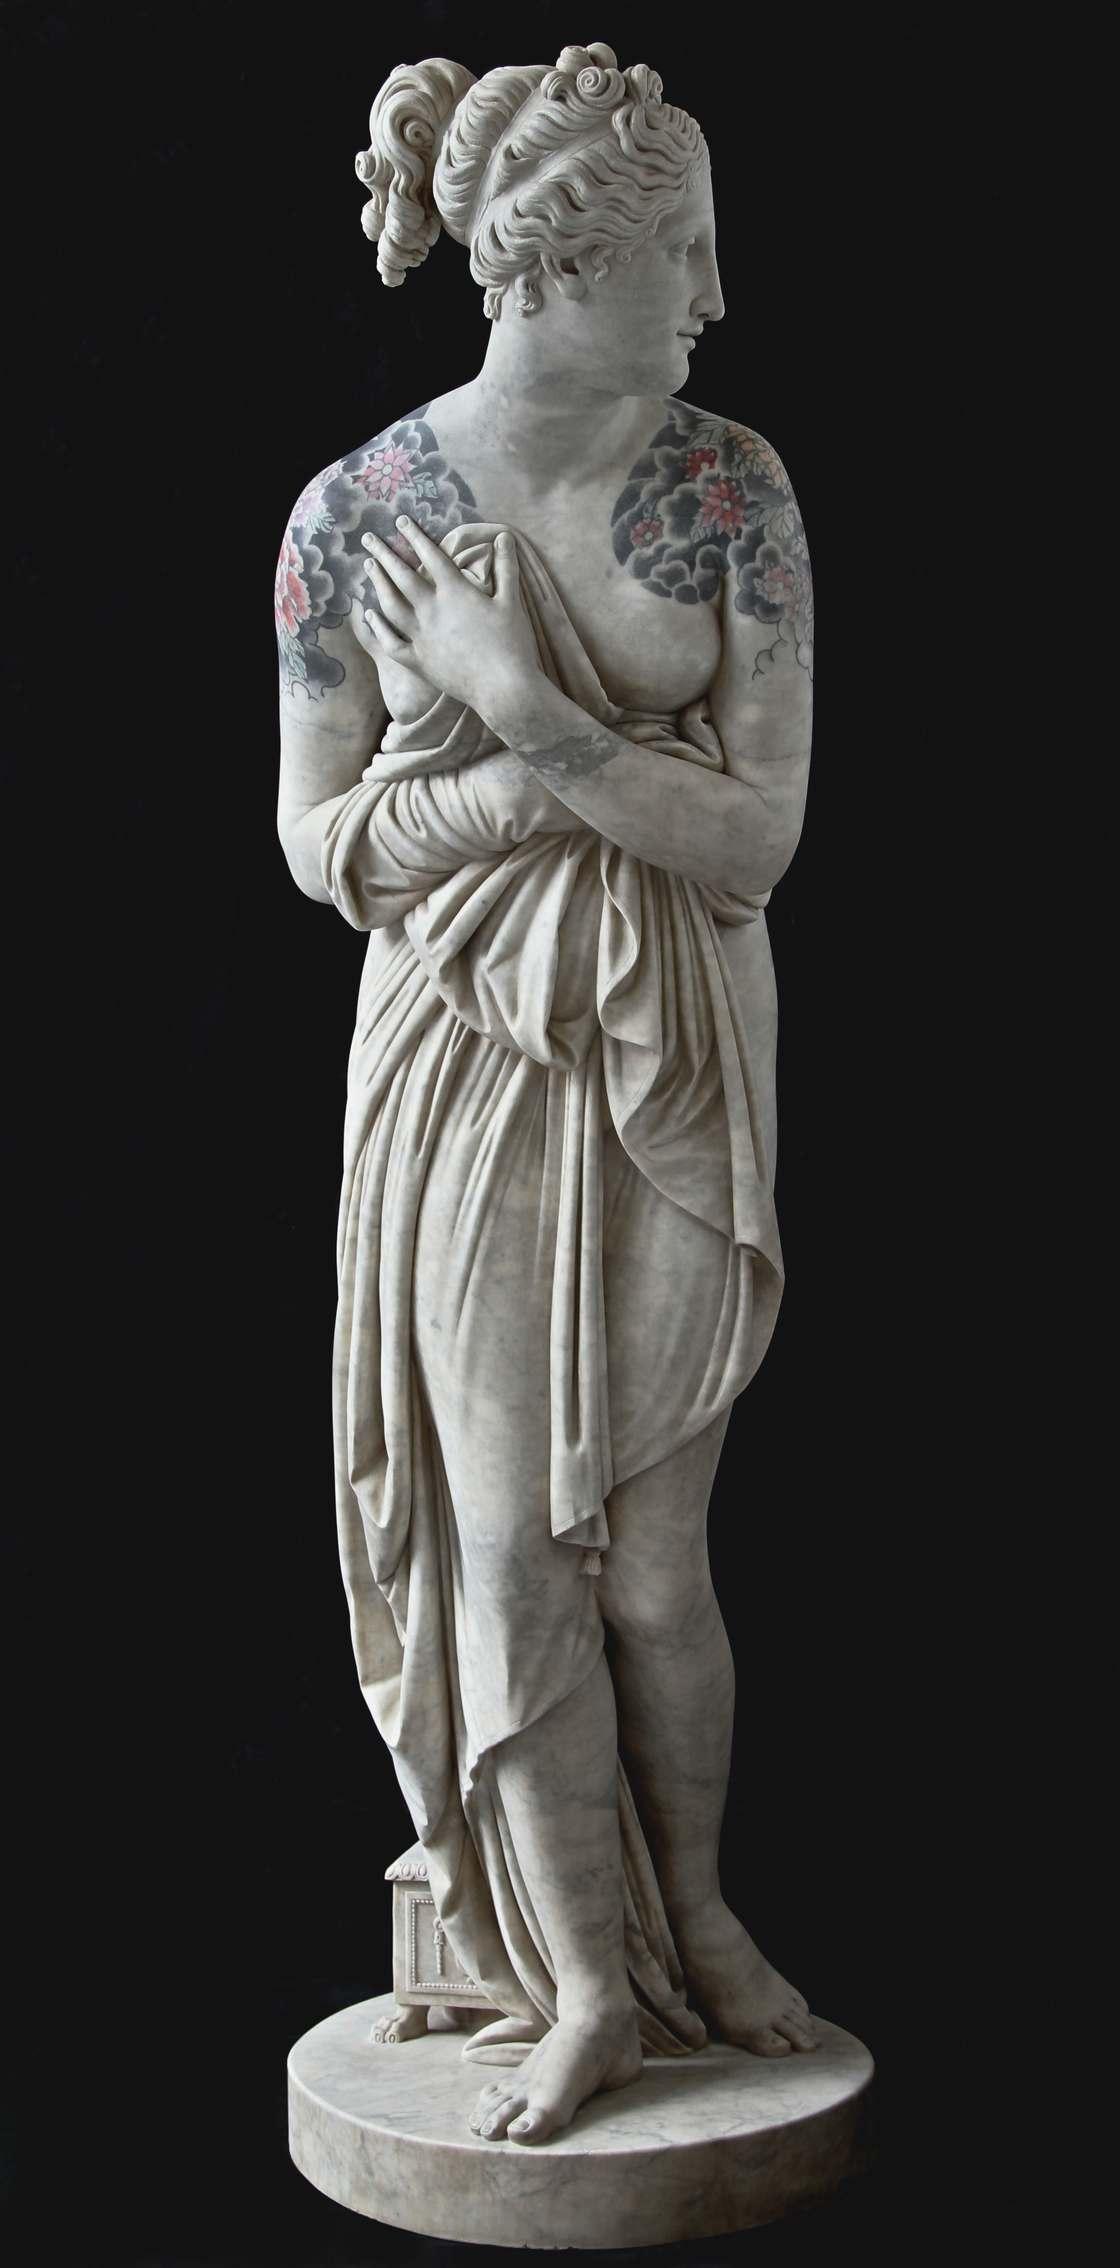 Les statues tatouees de Fabio Viale